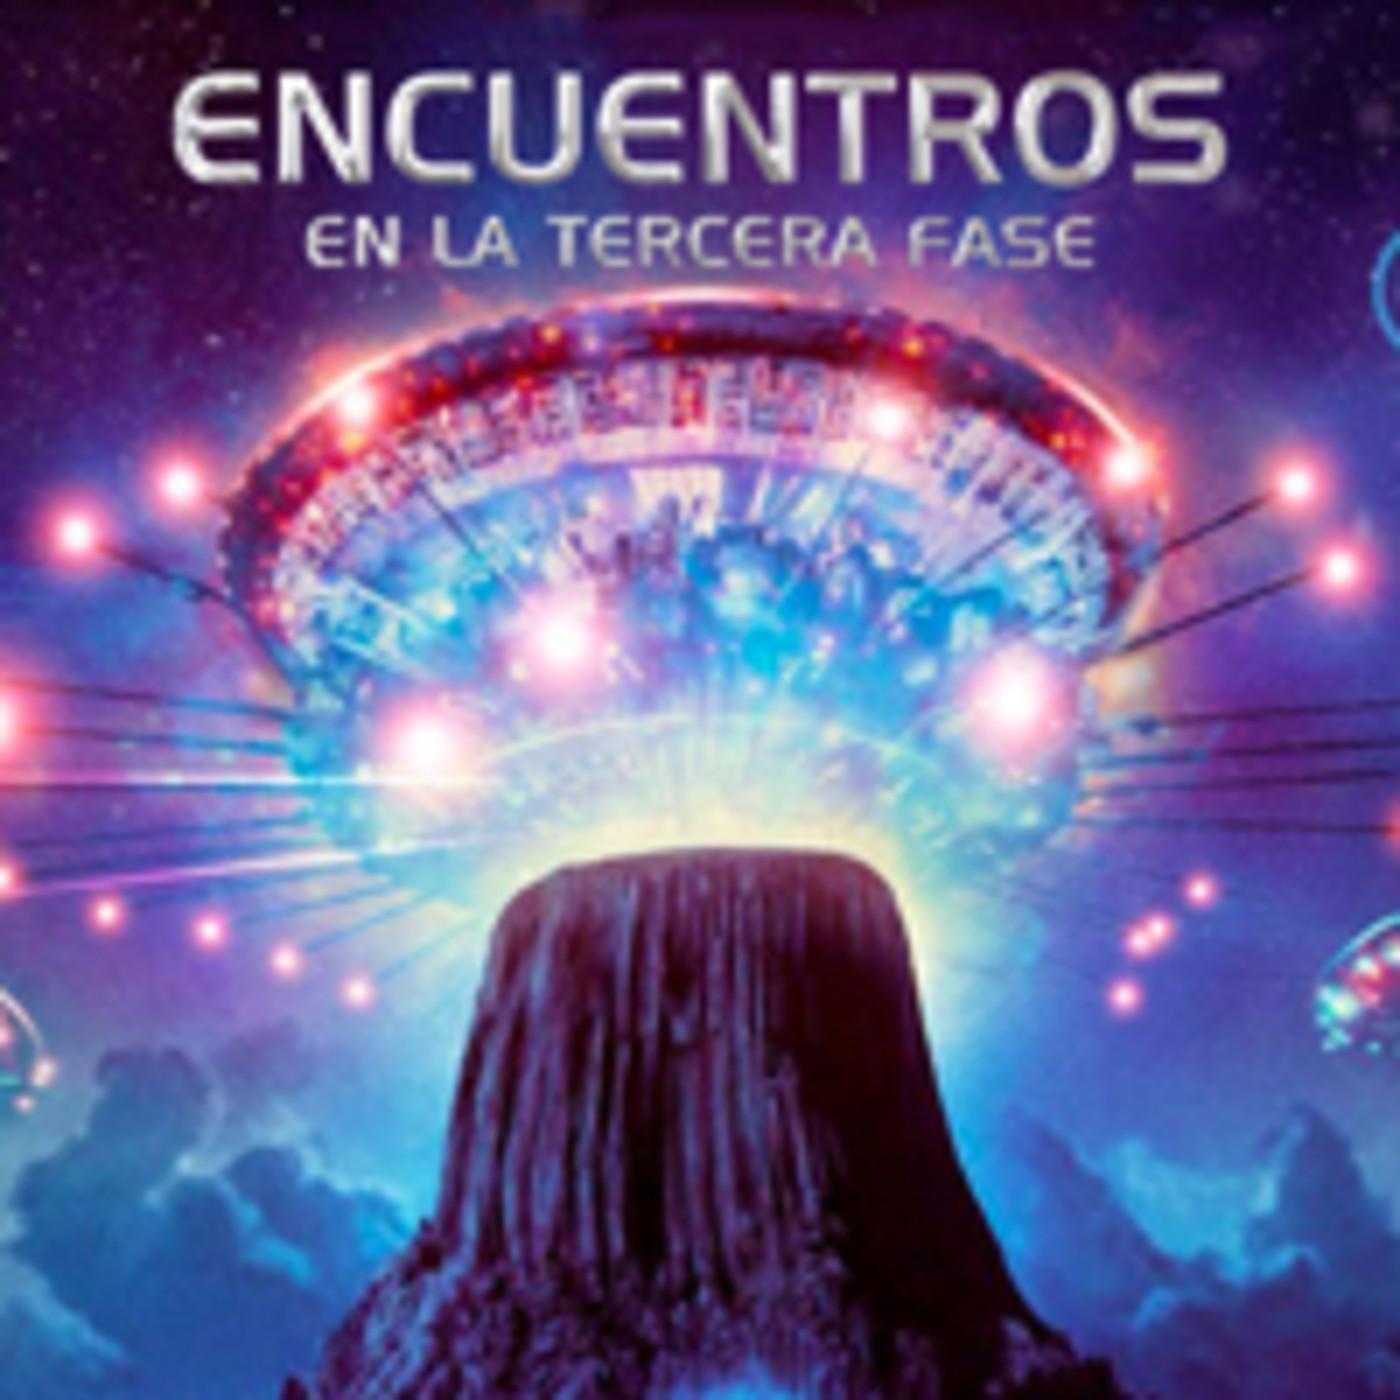 LODE 8x13 ENCUENTROS EN LA TERCERA FASE especial 40º aniversario